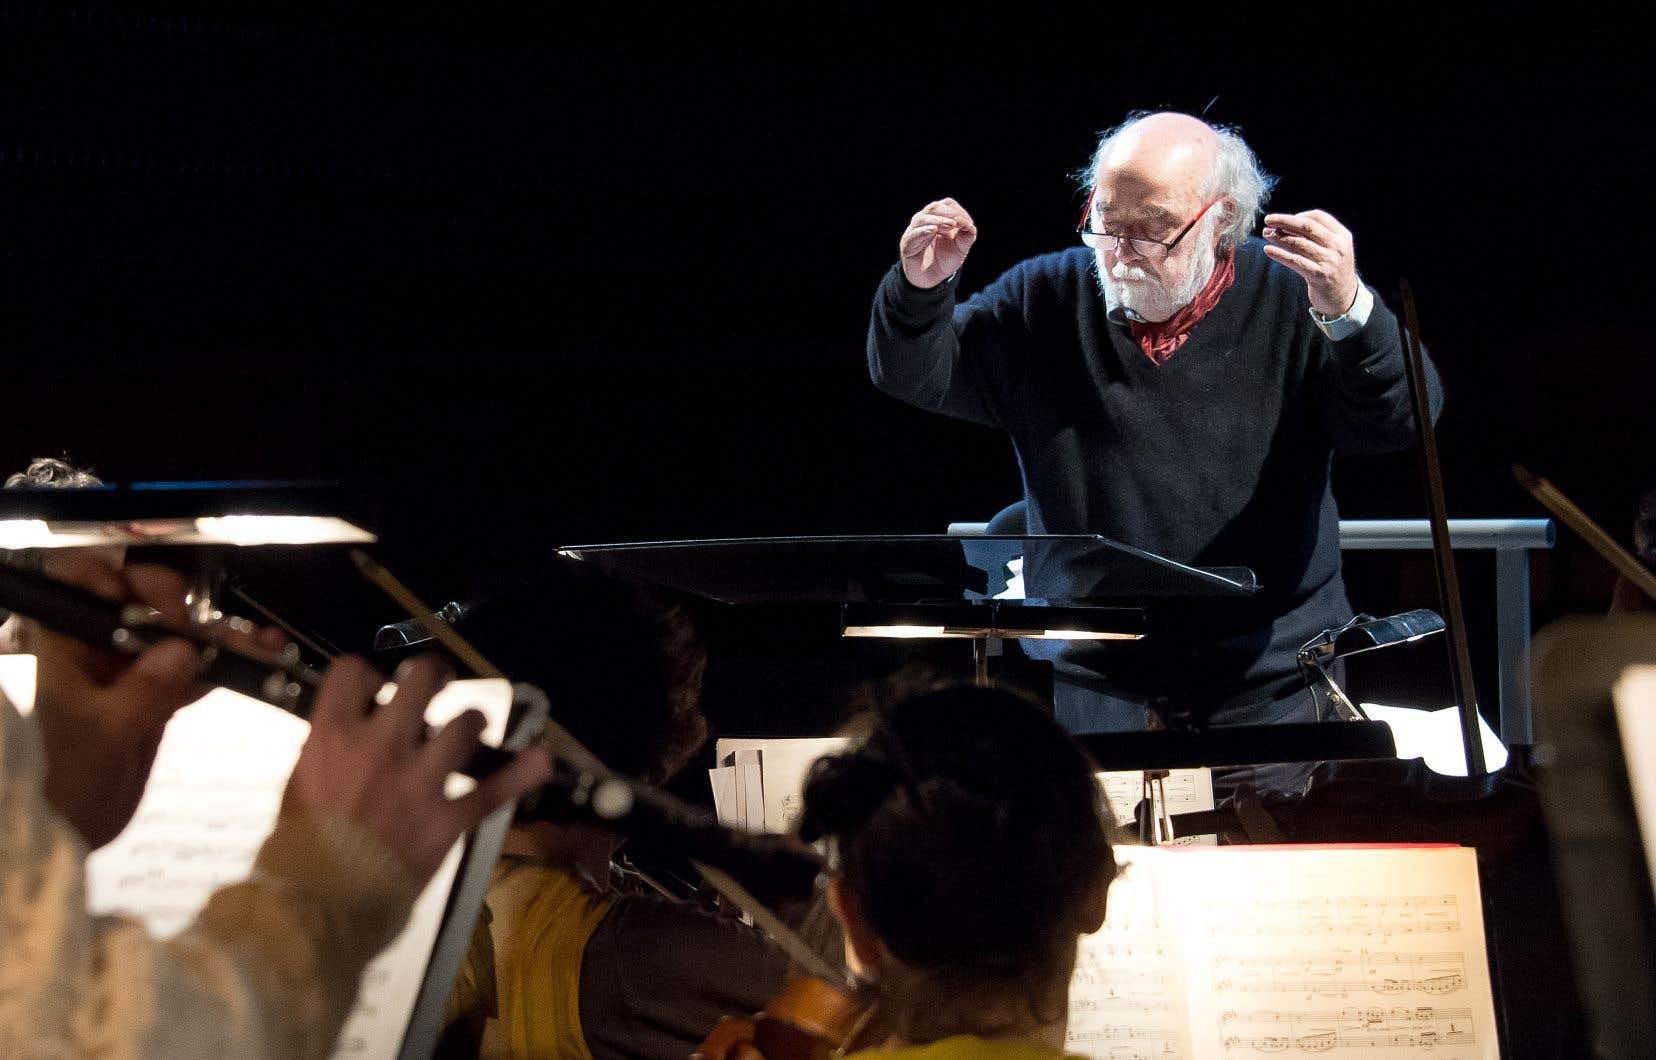 Le chef d'orchestre était aussi renommé pour faire jouer les partitions de manière plus enlevée, notamment Mozart.